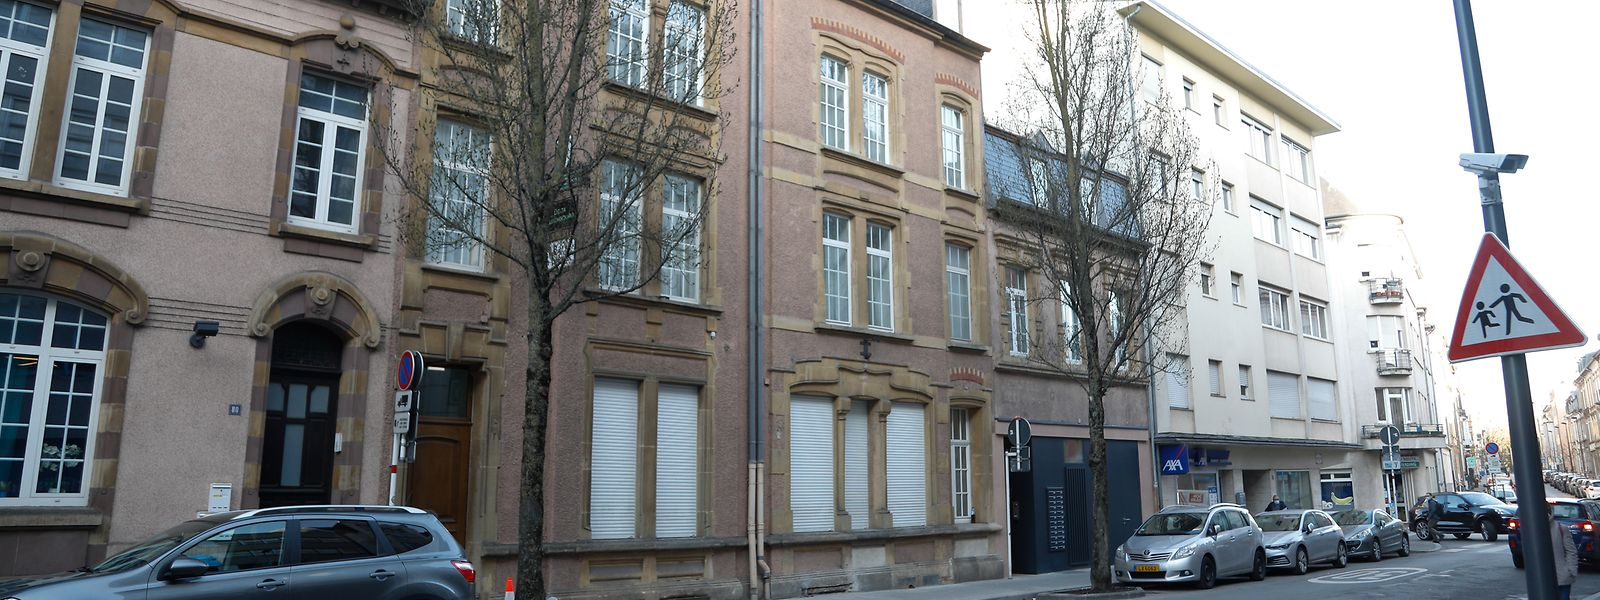 Nach der Renovierung beginnt ein neues Kapitel für die Gebäude auf Nummer 74 bis 78 in der Rue Adolphe Fischer.